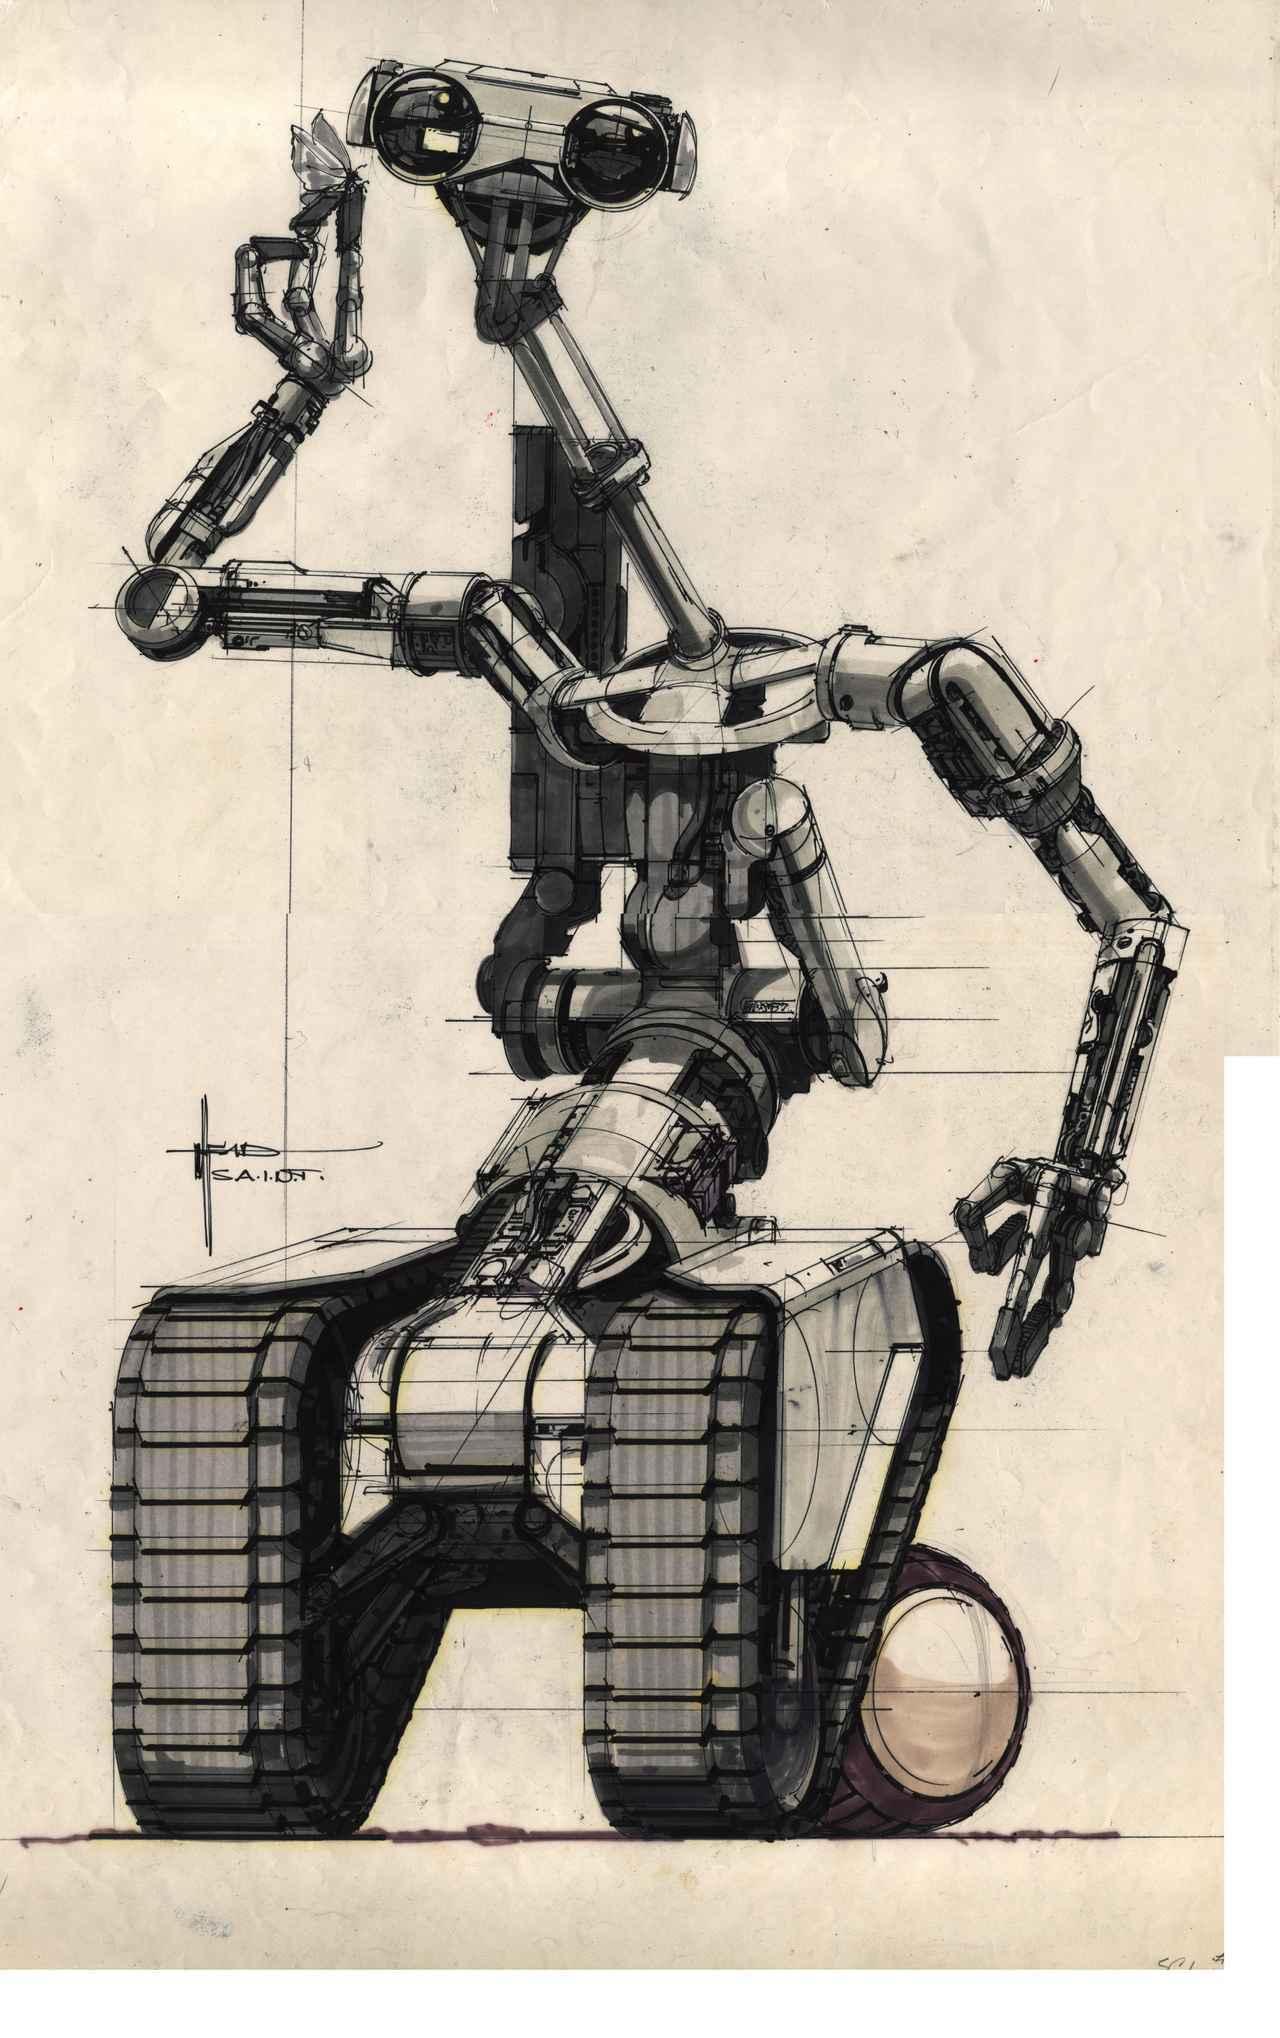 画像: Johnny Five Robot 『ショート・サーキット』© 2007 The Weinstein Company LLC. All Rights Reserved.